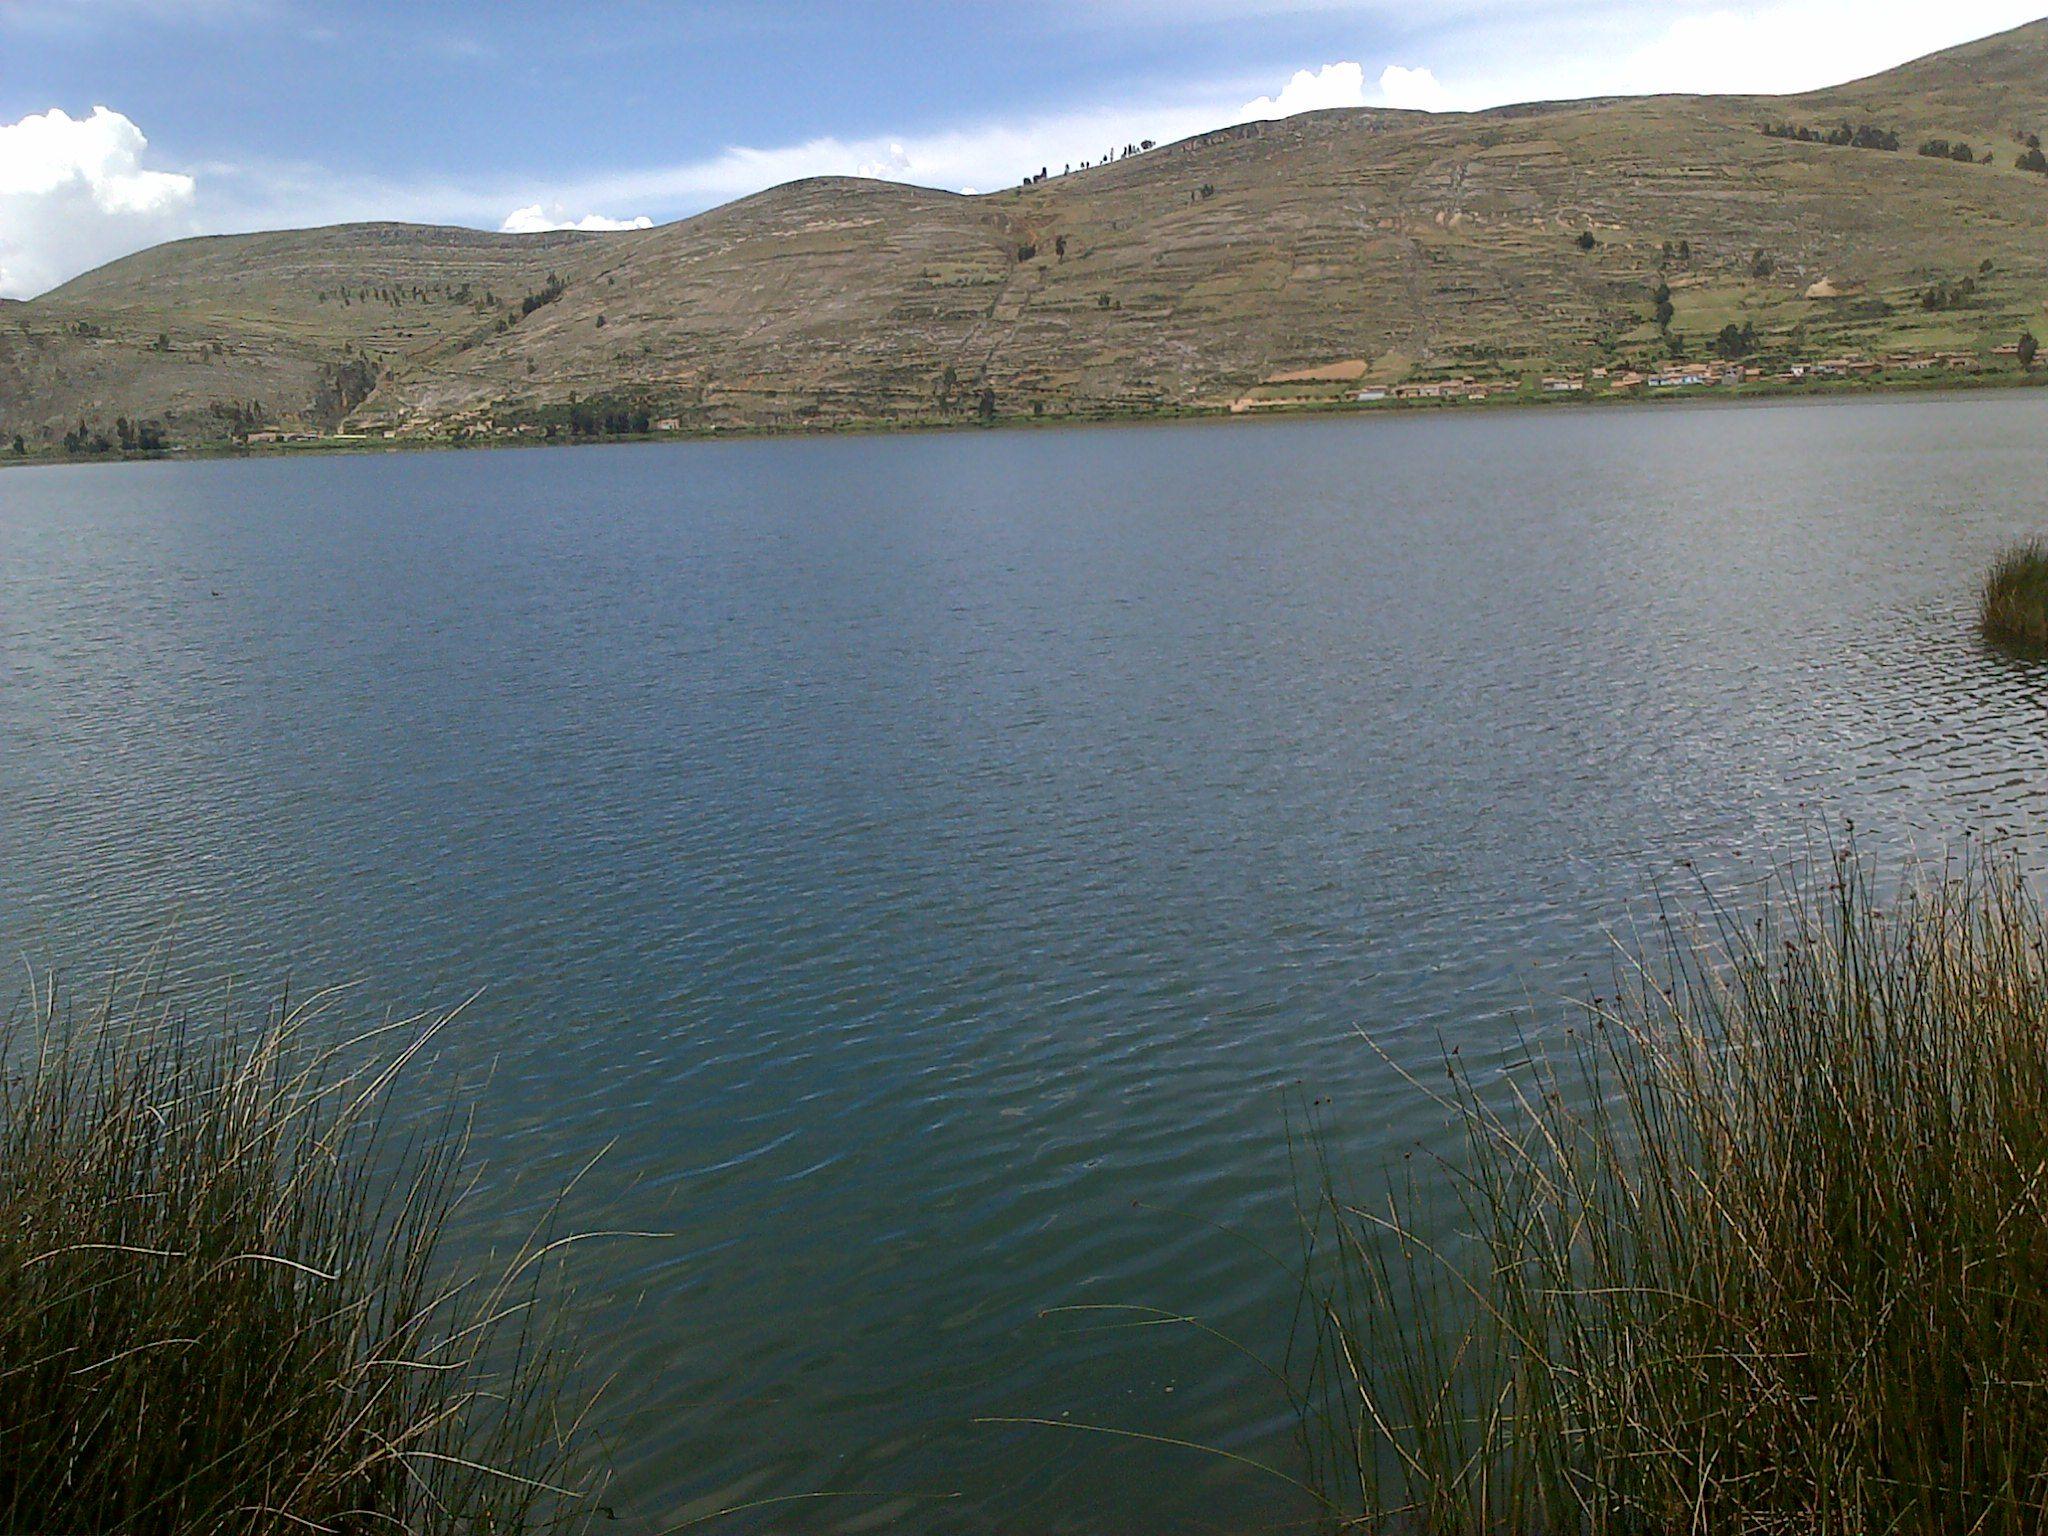 Vista de la Laguna de Paca